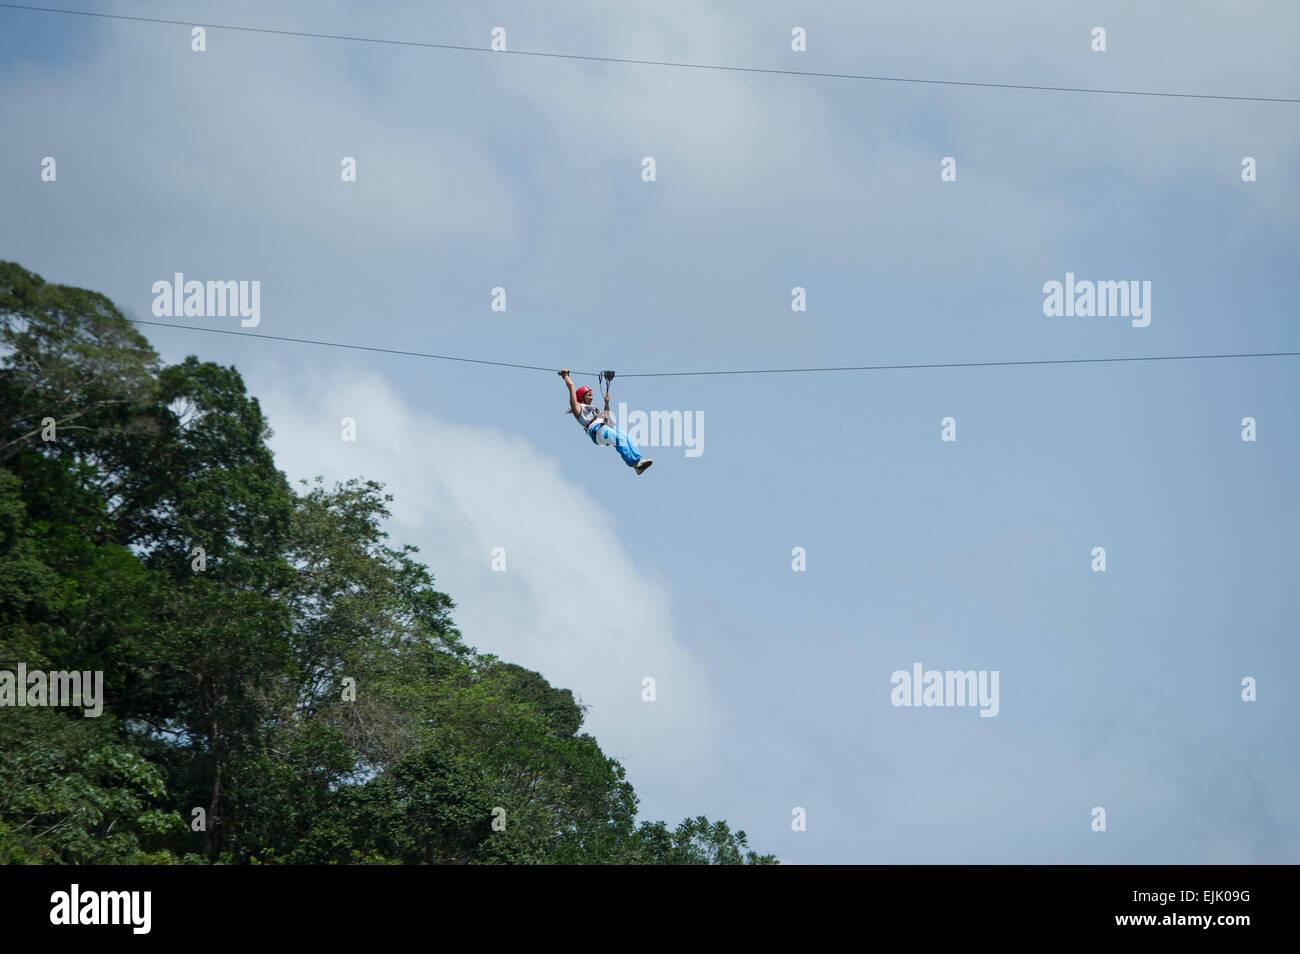 Zip Line Stock Photos & Zip Line Stock Images - Alamy